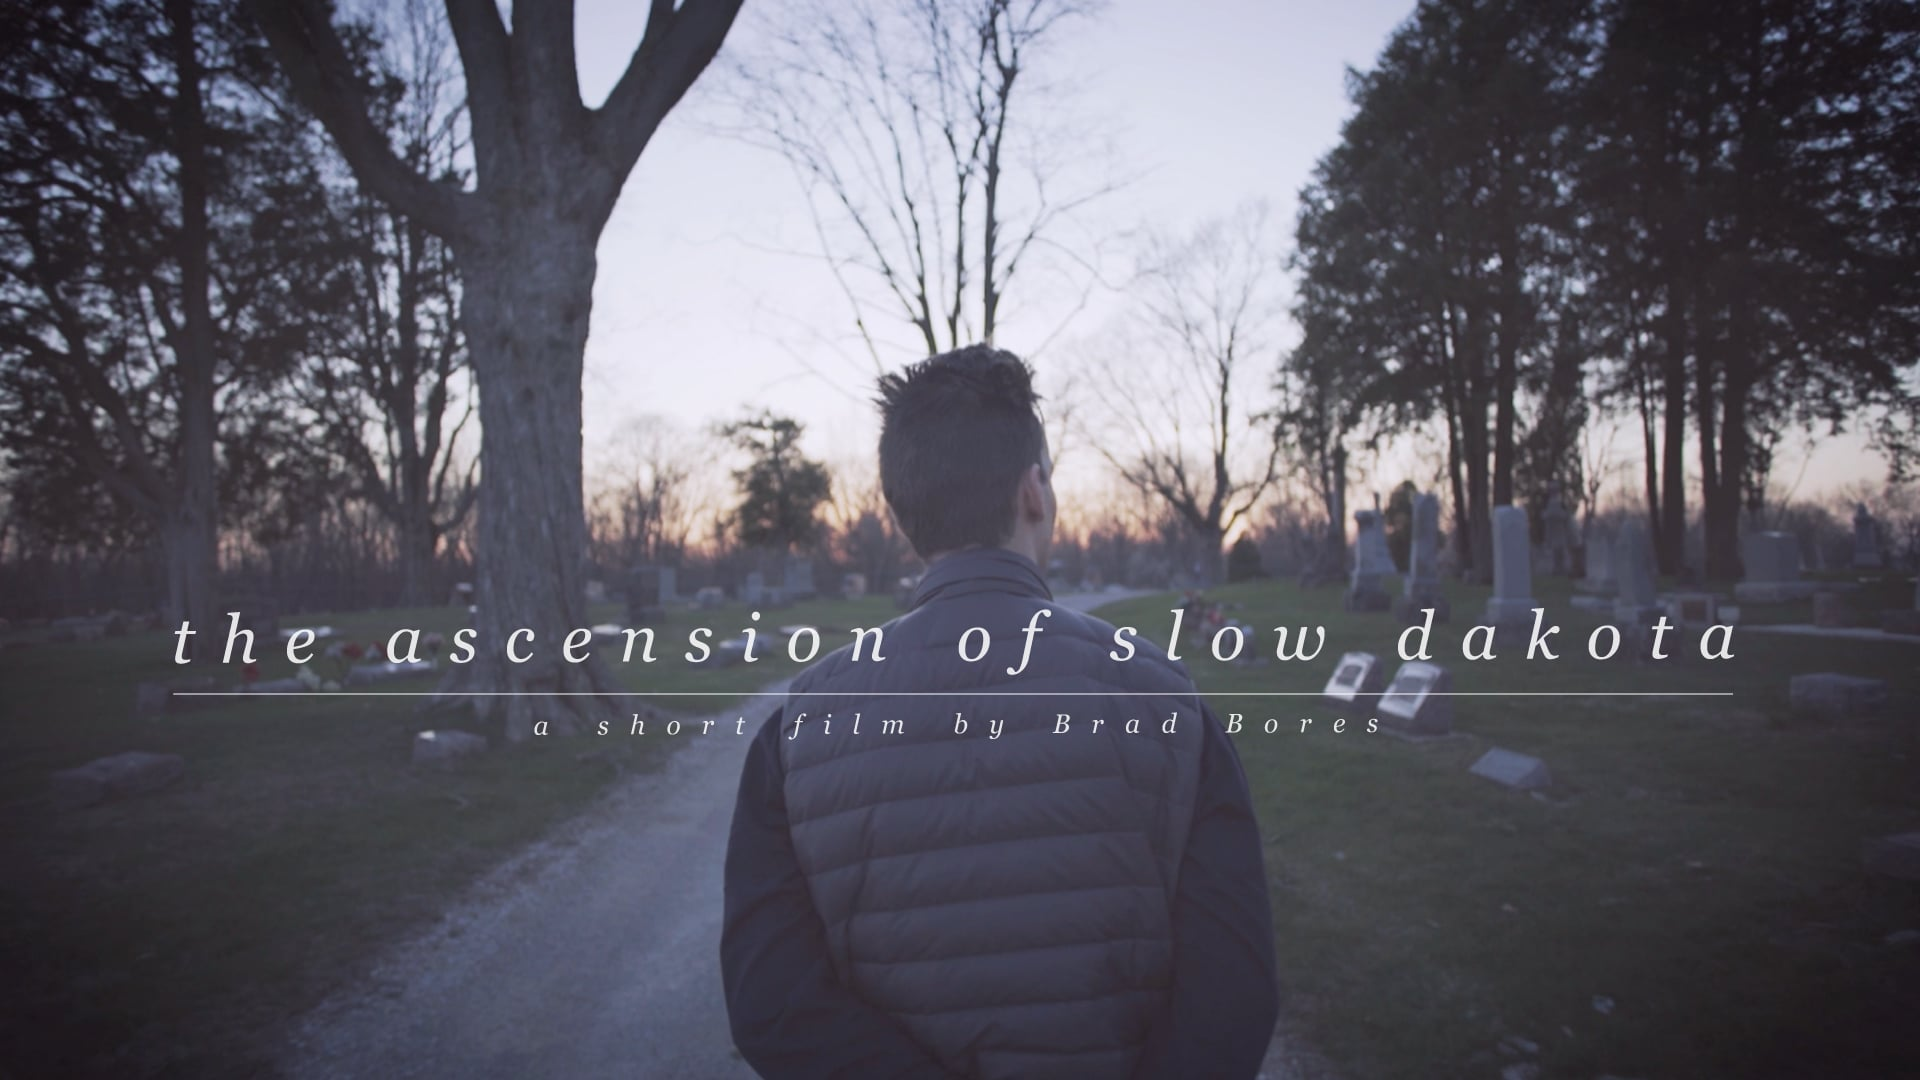 The Ascension of Slow Dakota Documentary Teaser